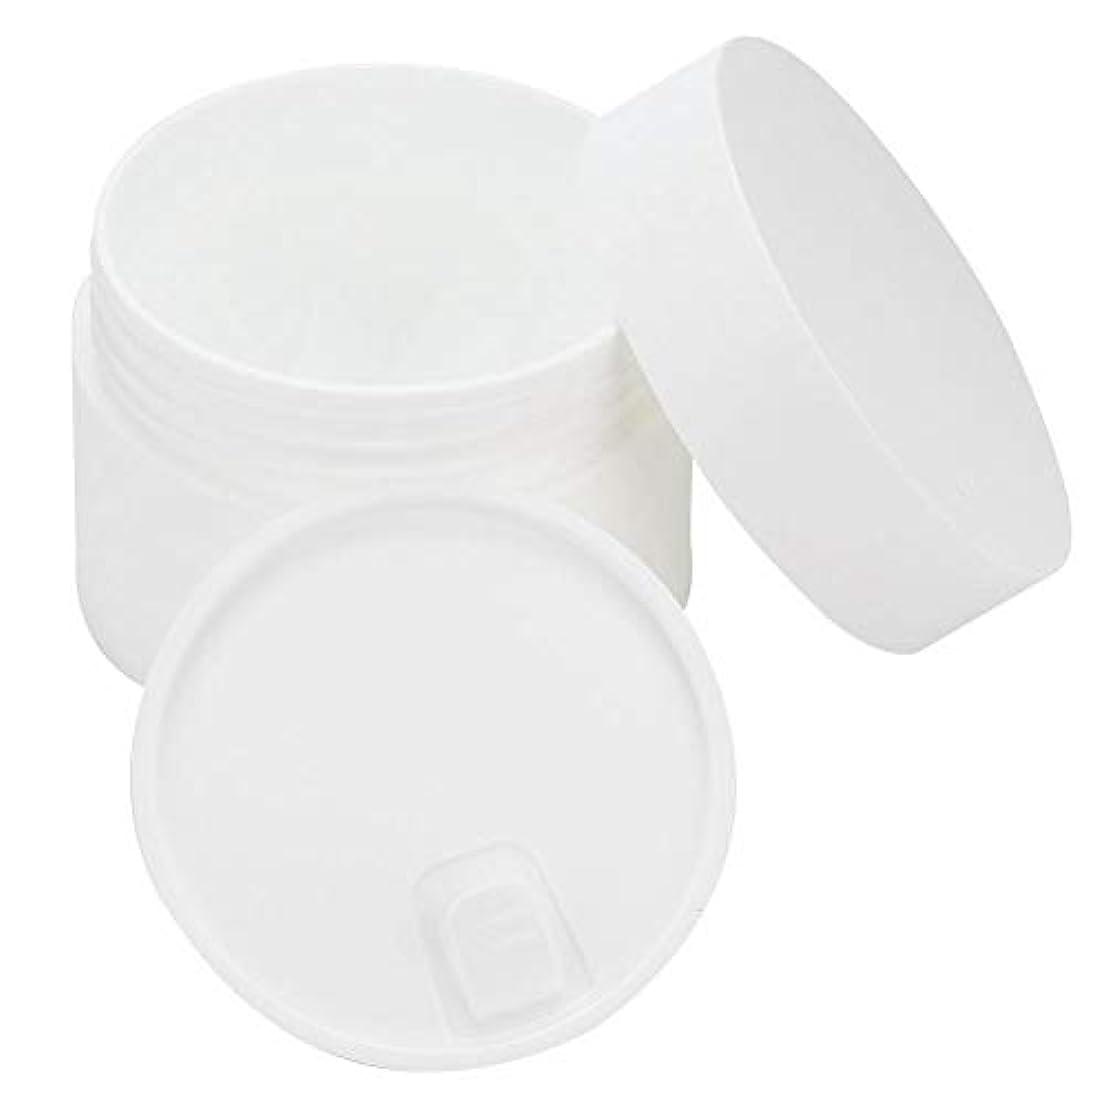 スマート戸棚移動する30g空の旅行フェイシャルクリームボトル充填可能なスキンケア製品容器ボトルDIYマスクボトル